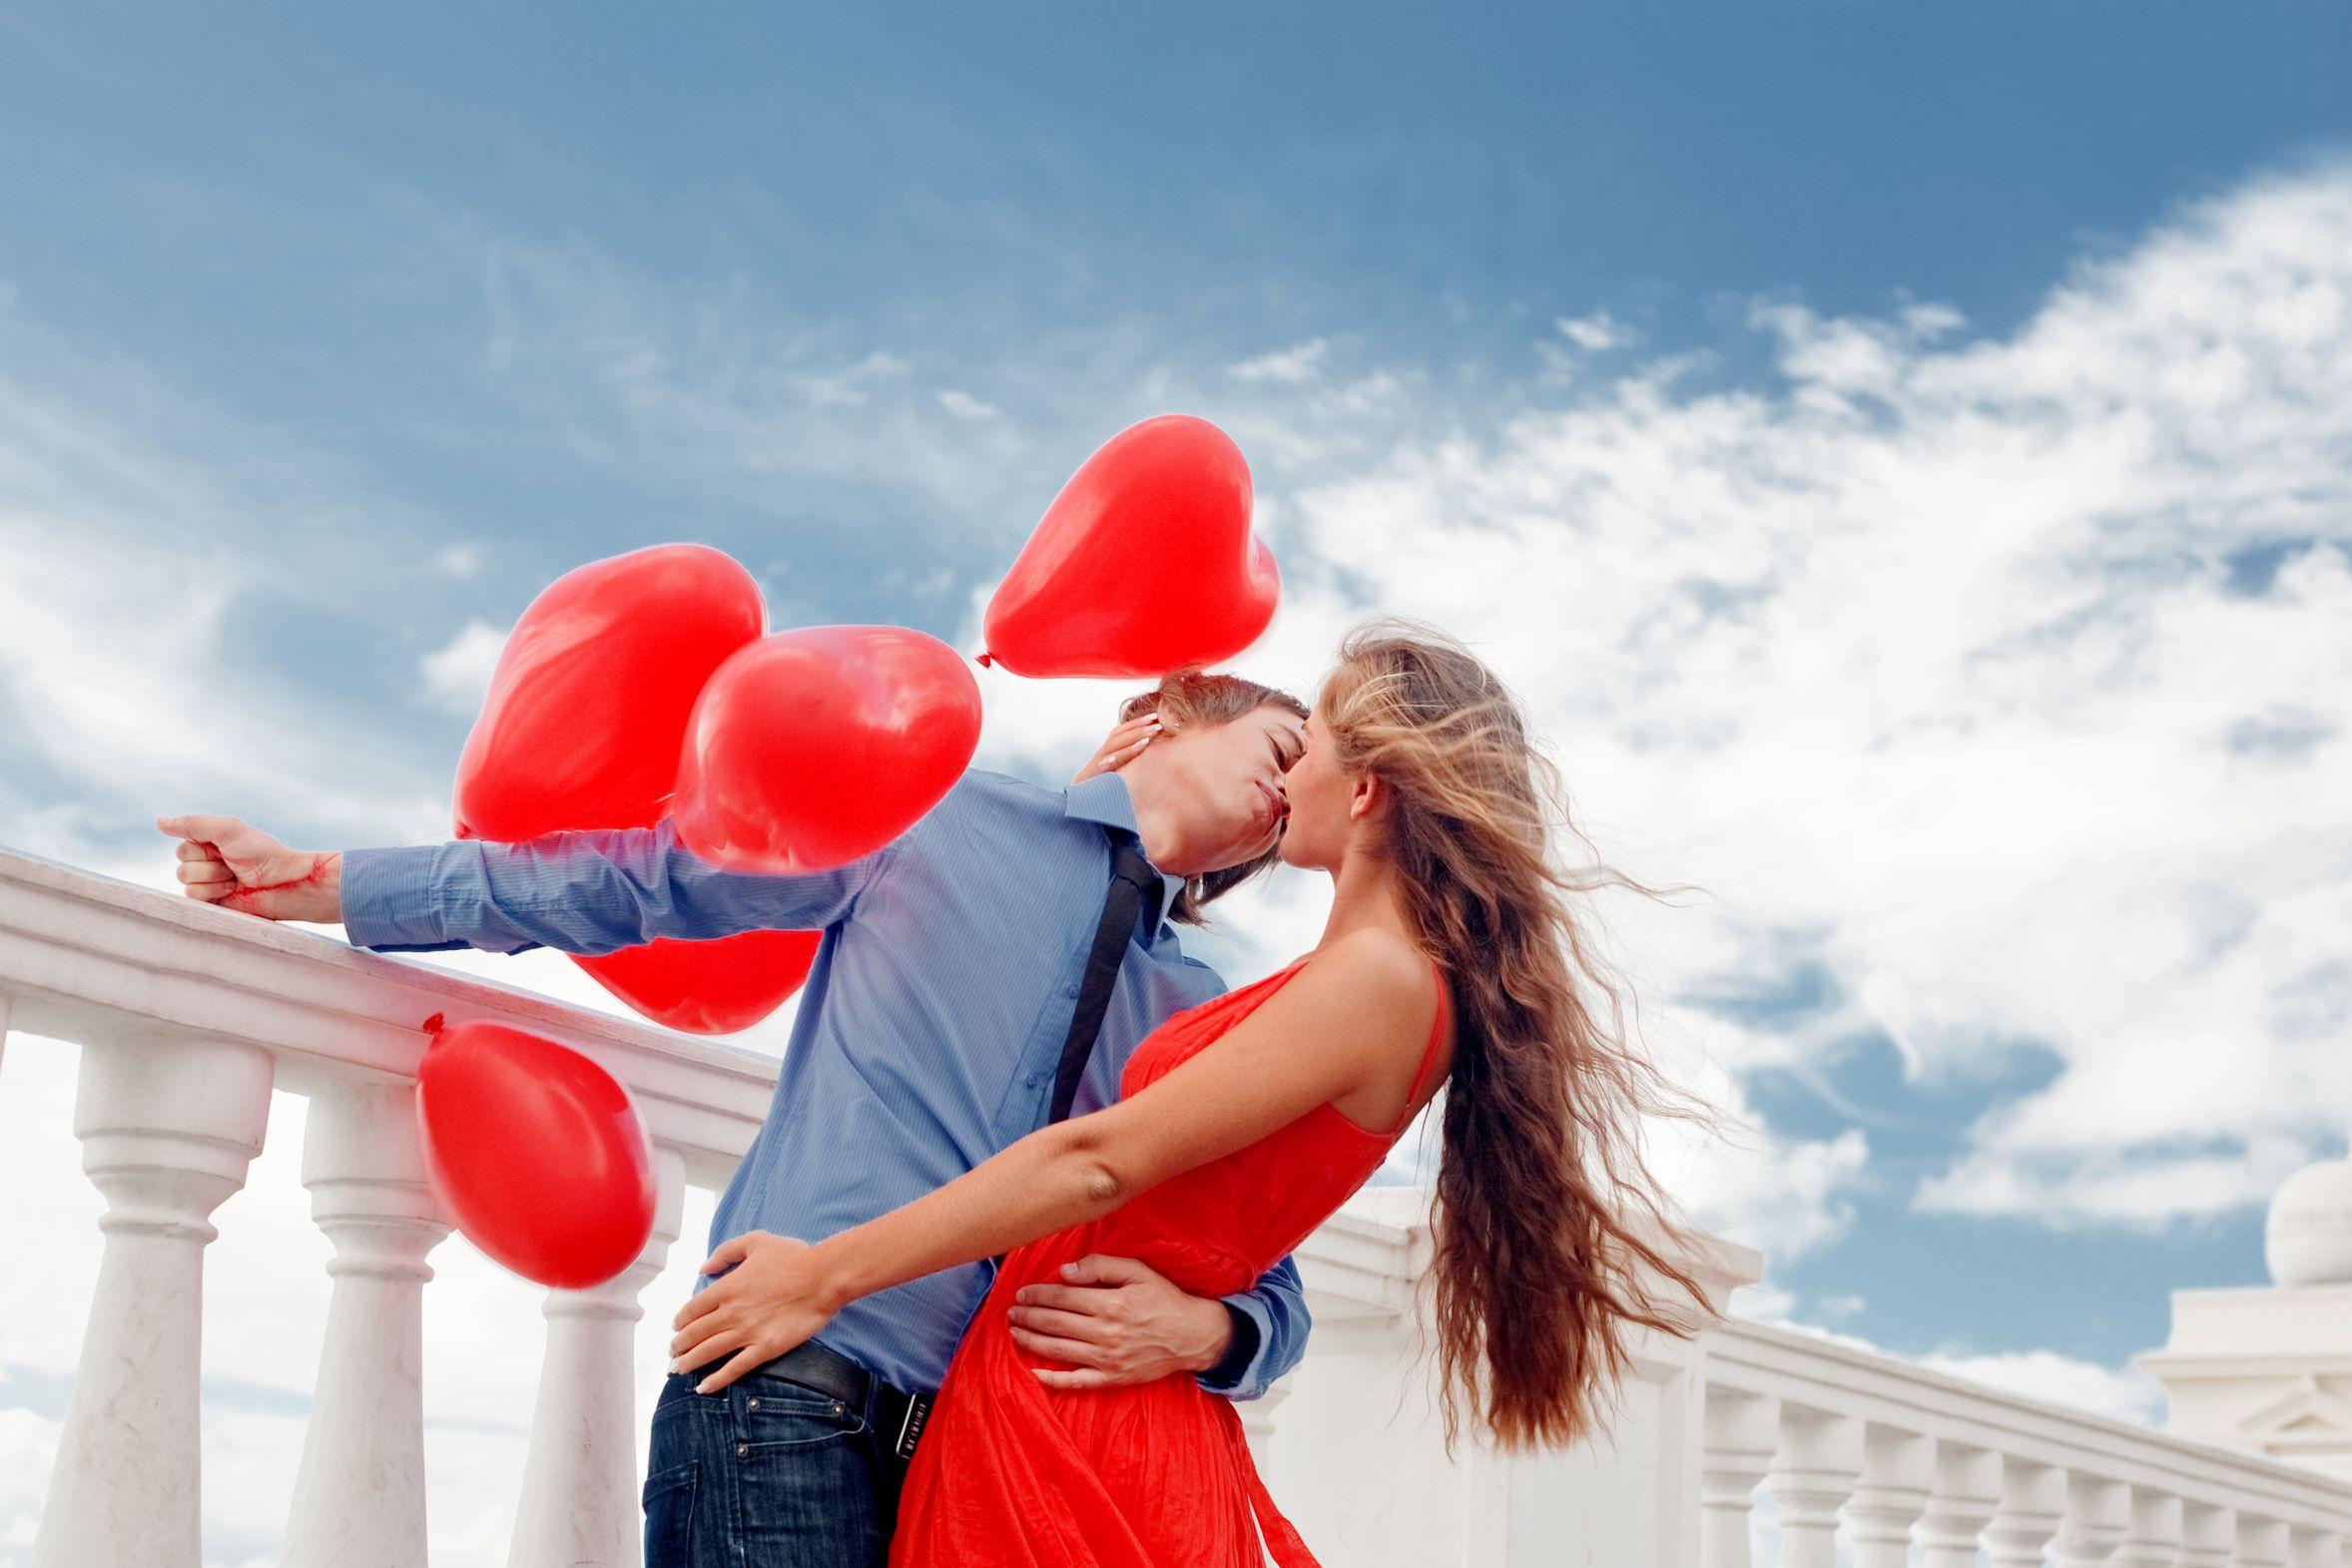 Perché gli innamorati usano strani nomignoli?